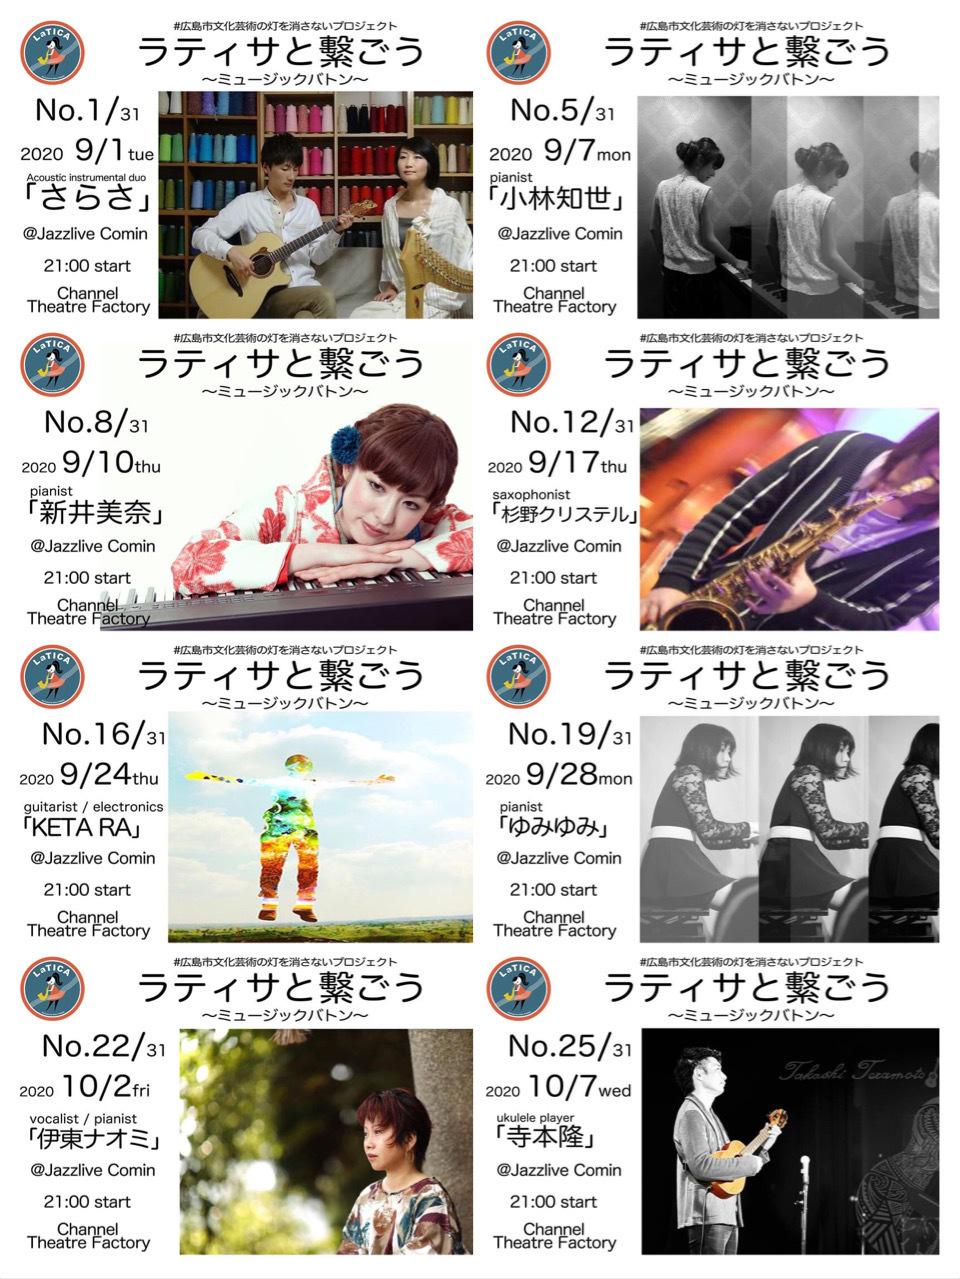 ジャズライブ カミン Jazzlive Comin 広島 9月スケジュール_b0115606_10141977.jpeg